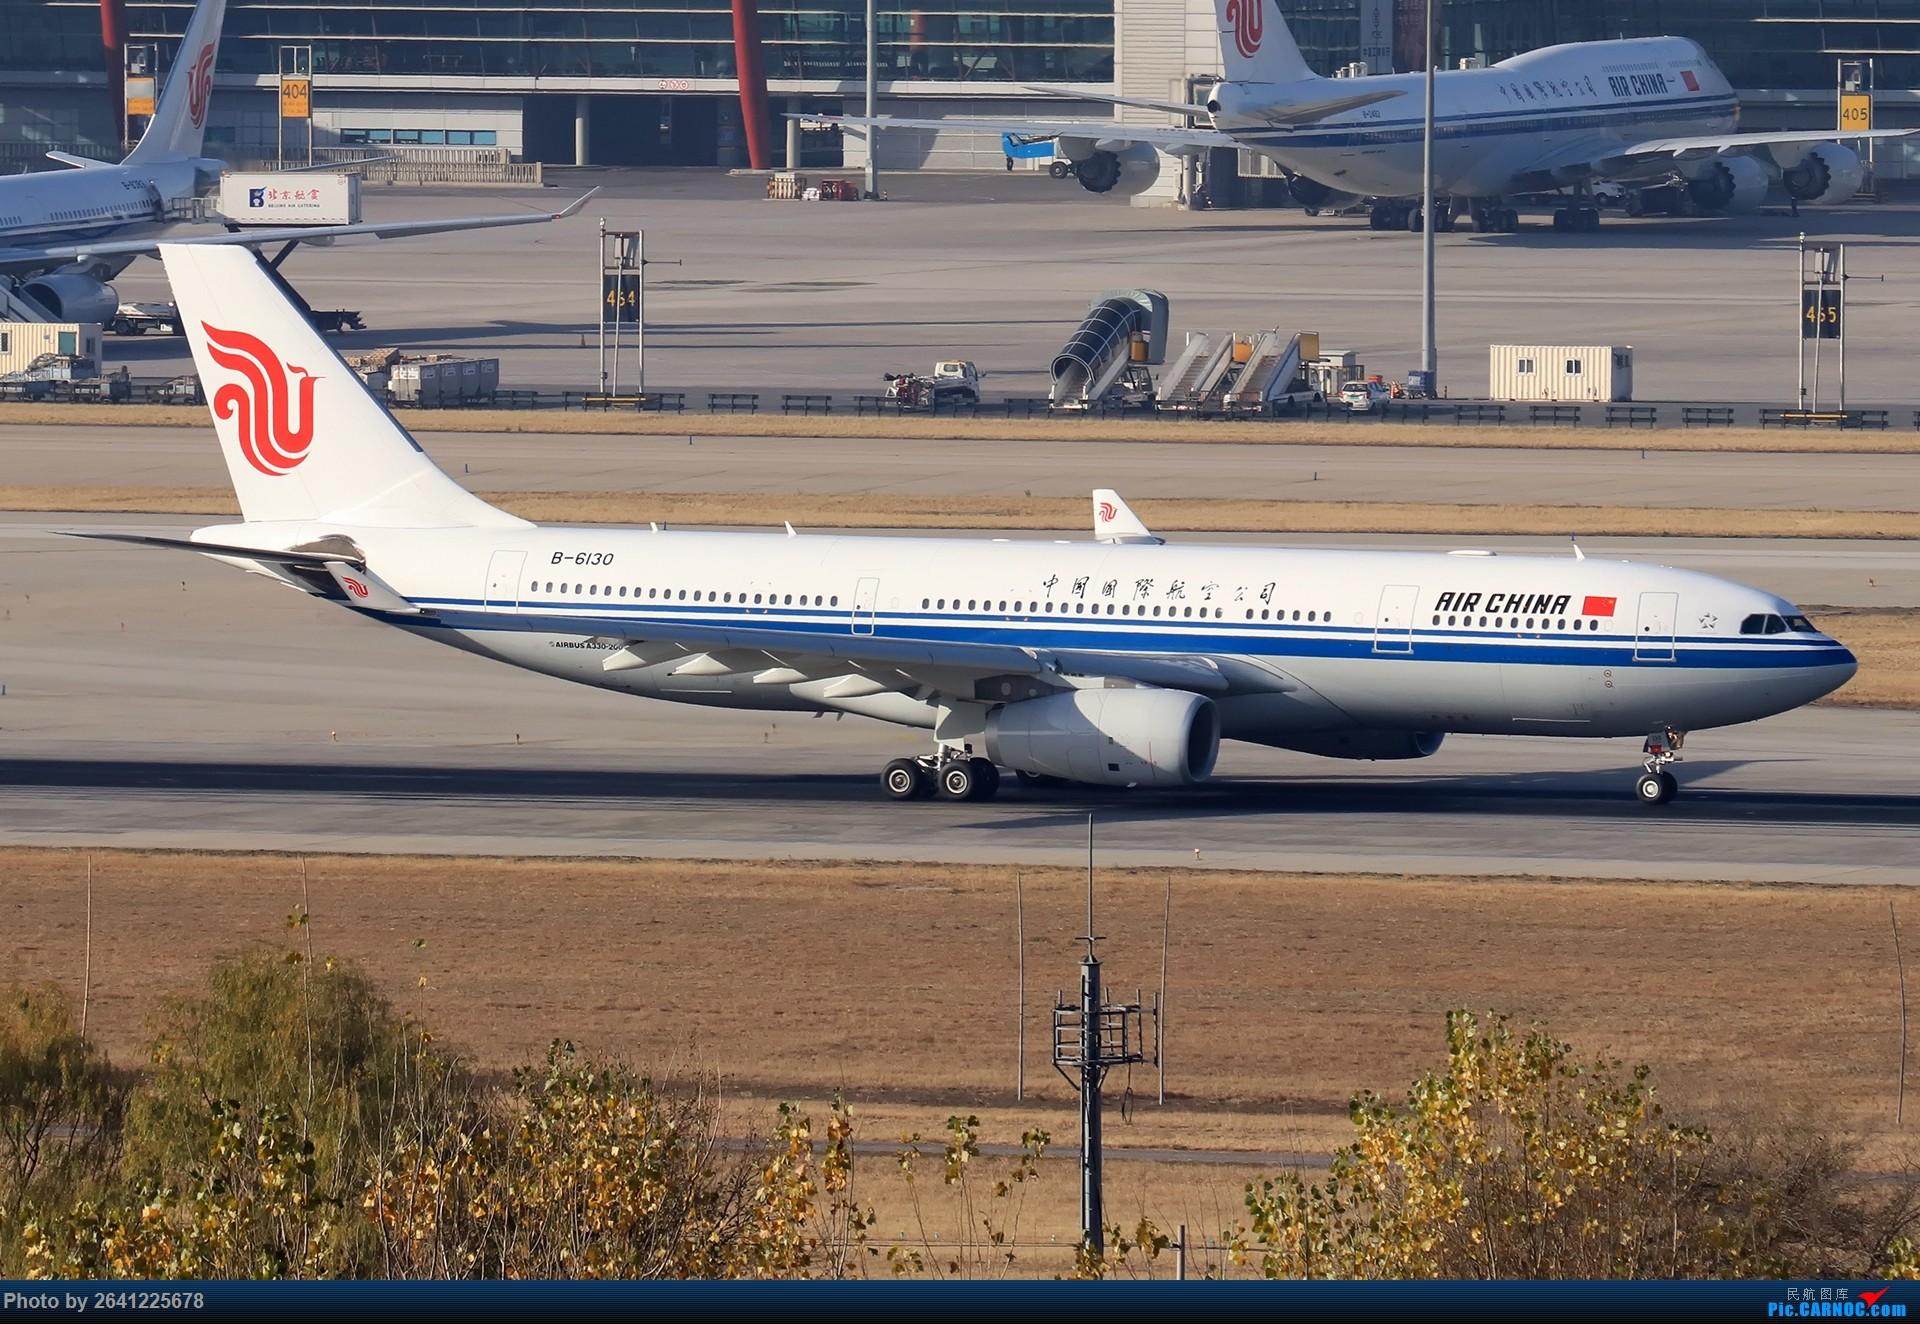 Re:[原创]【ZBAA】好久没发帖,随便来一组 AIRBUS A330-200 B-6130 中国北京首都国际机场